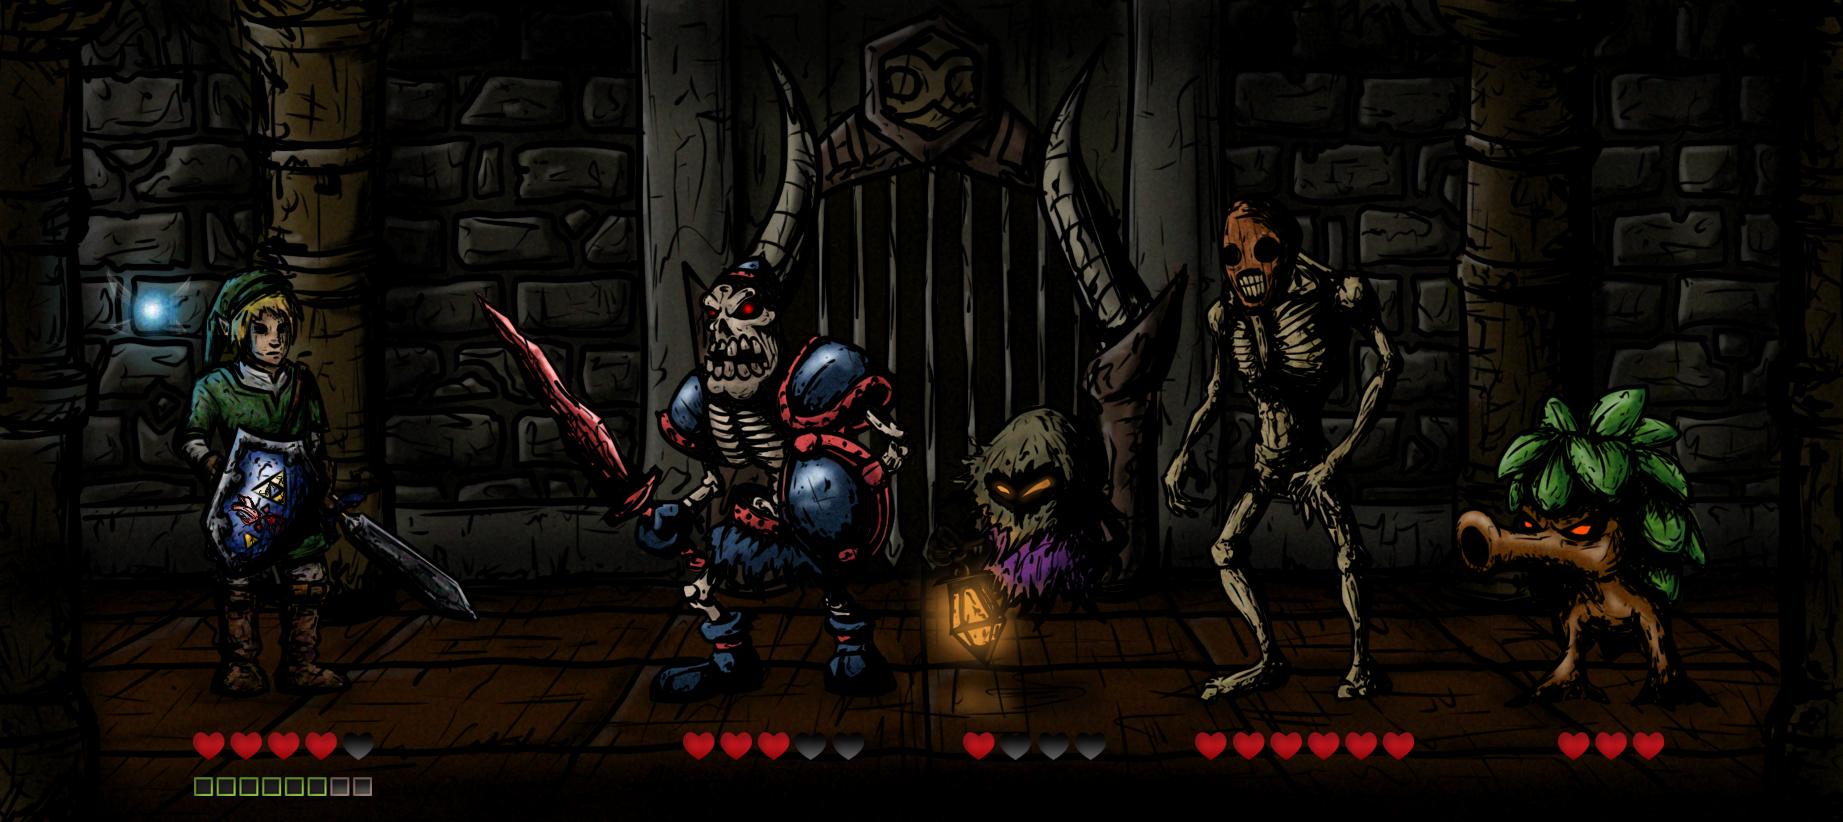 LoZ meets Darkest Dungeon!